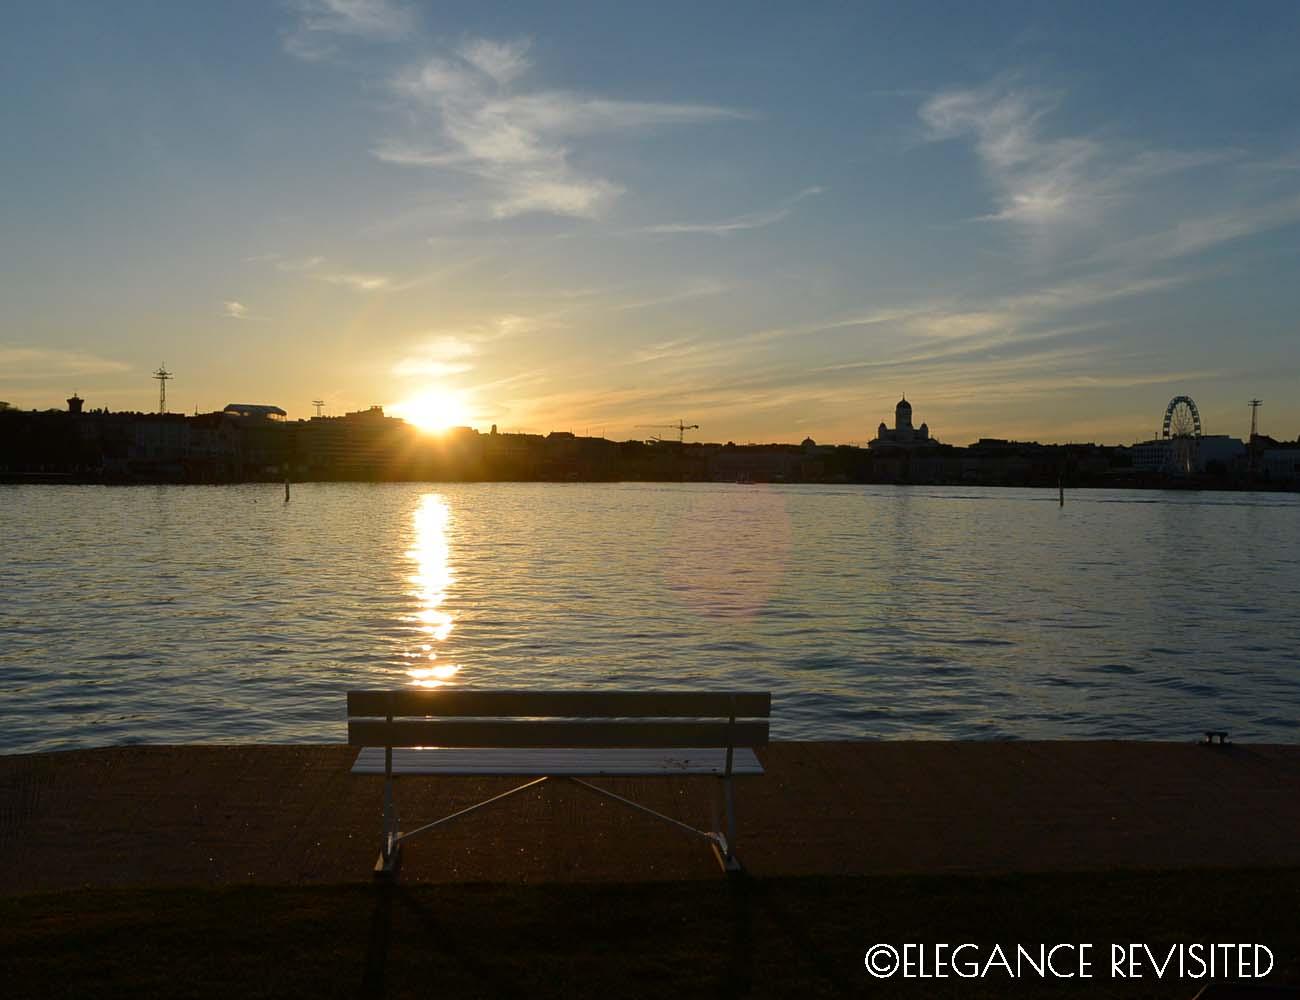 sunset over Helsinki